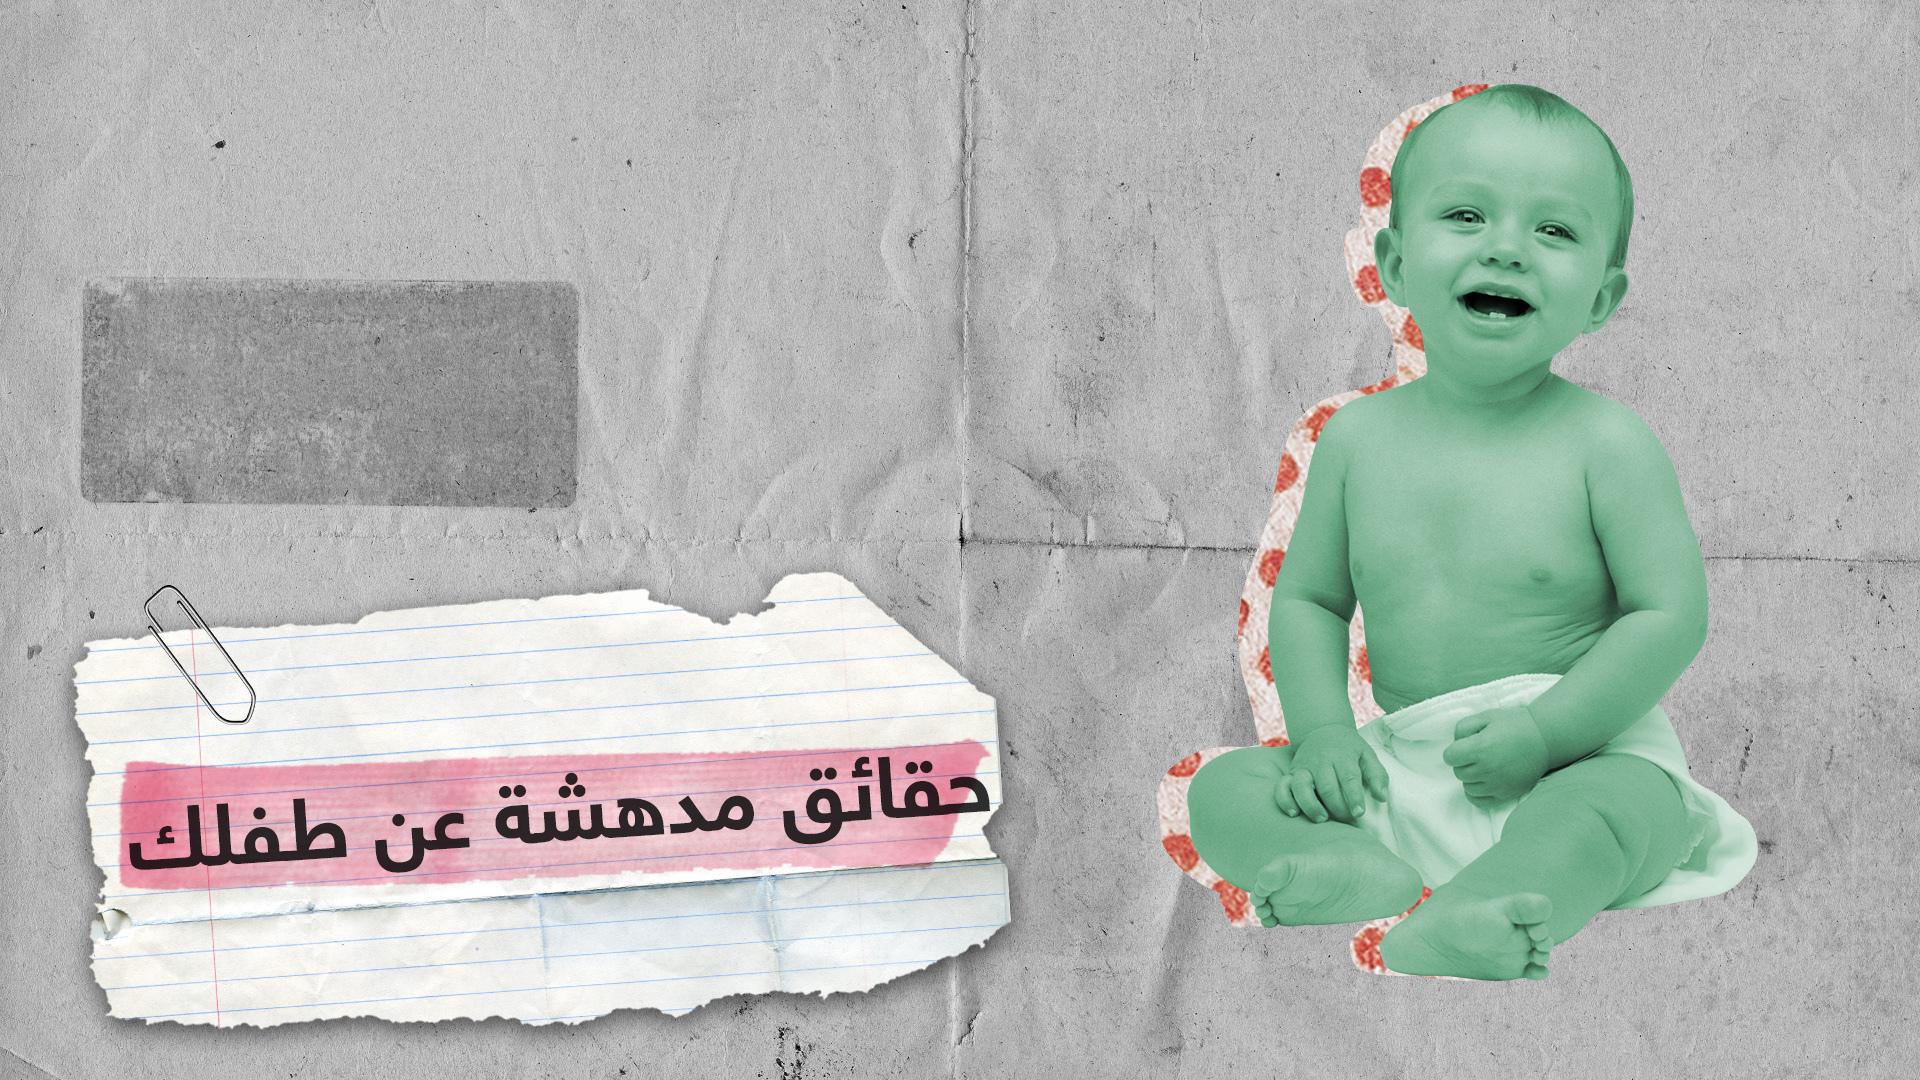 حقائق مدهشة عن الأطفال حديثي الولادة